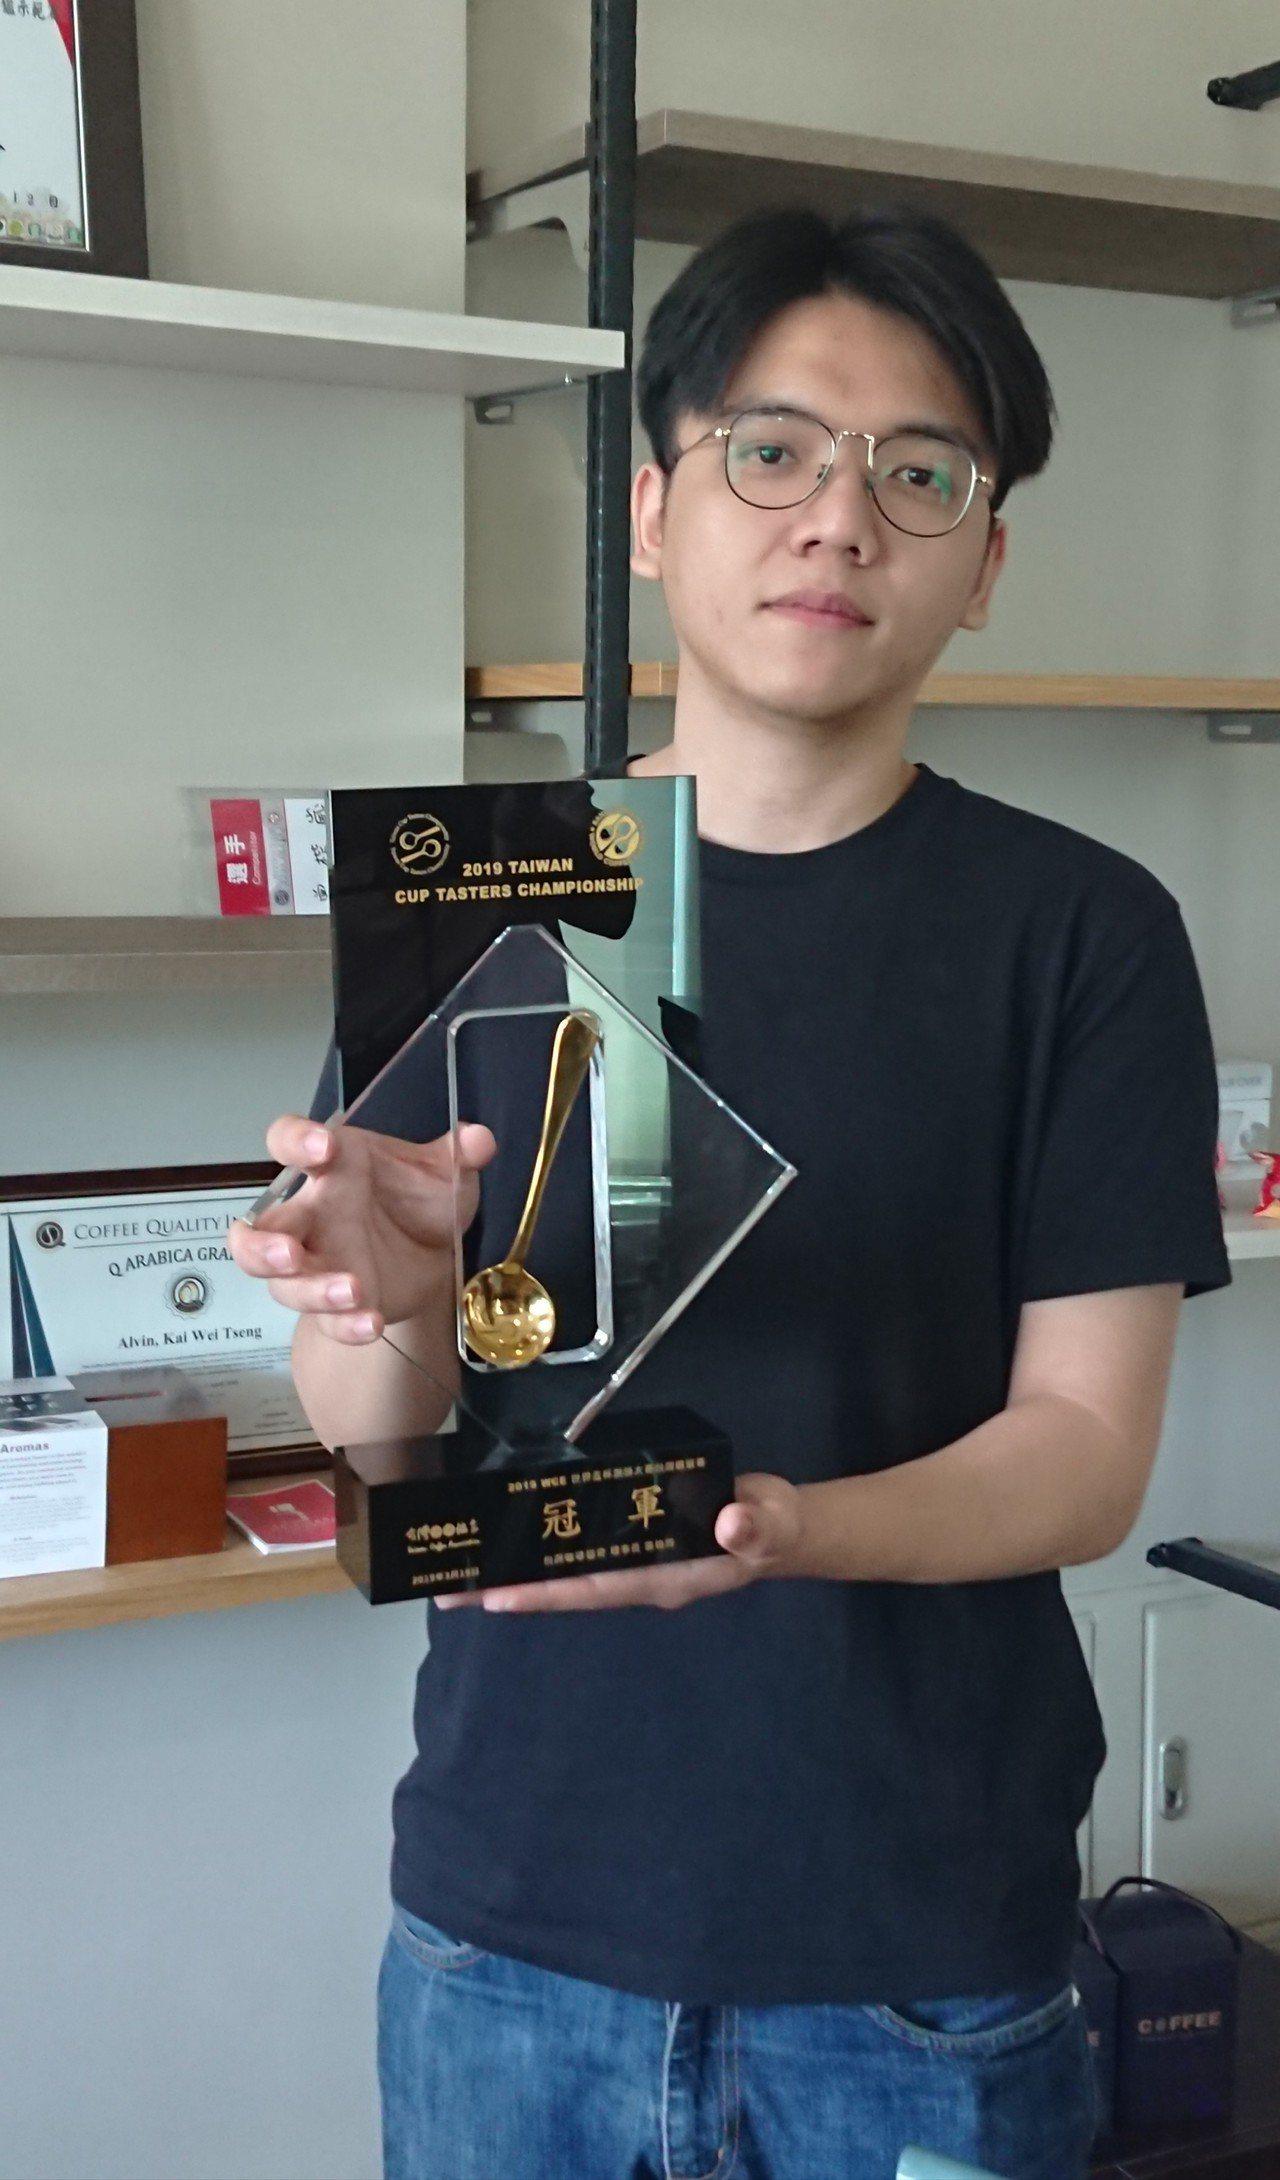 竹科工程師「不務正業」 拿下咖啡杯測冠軍